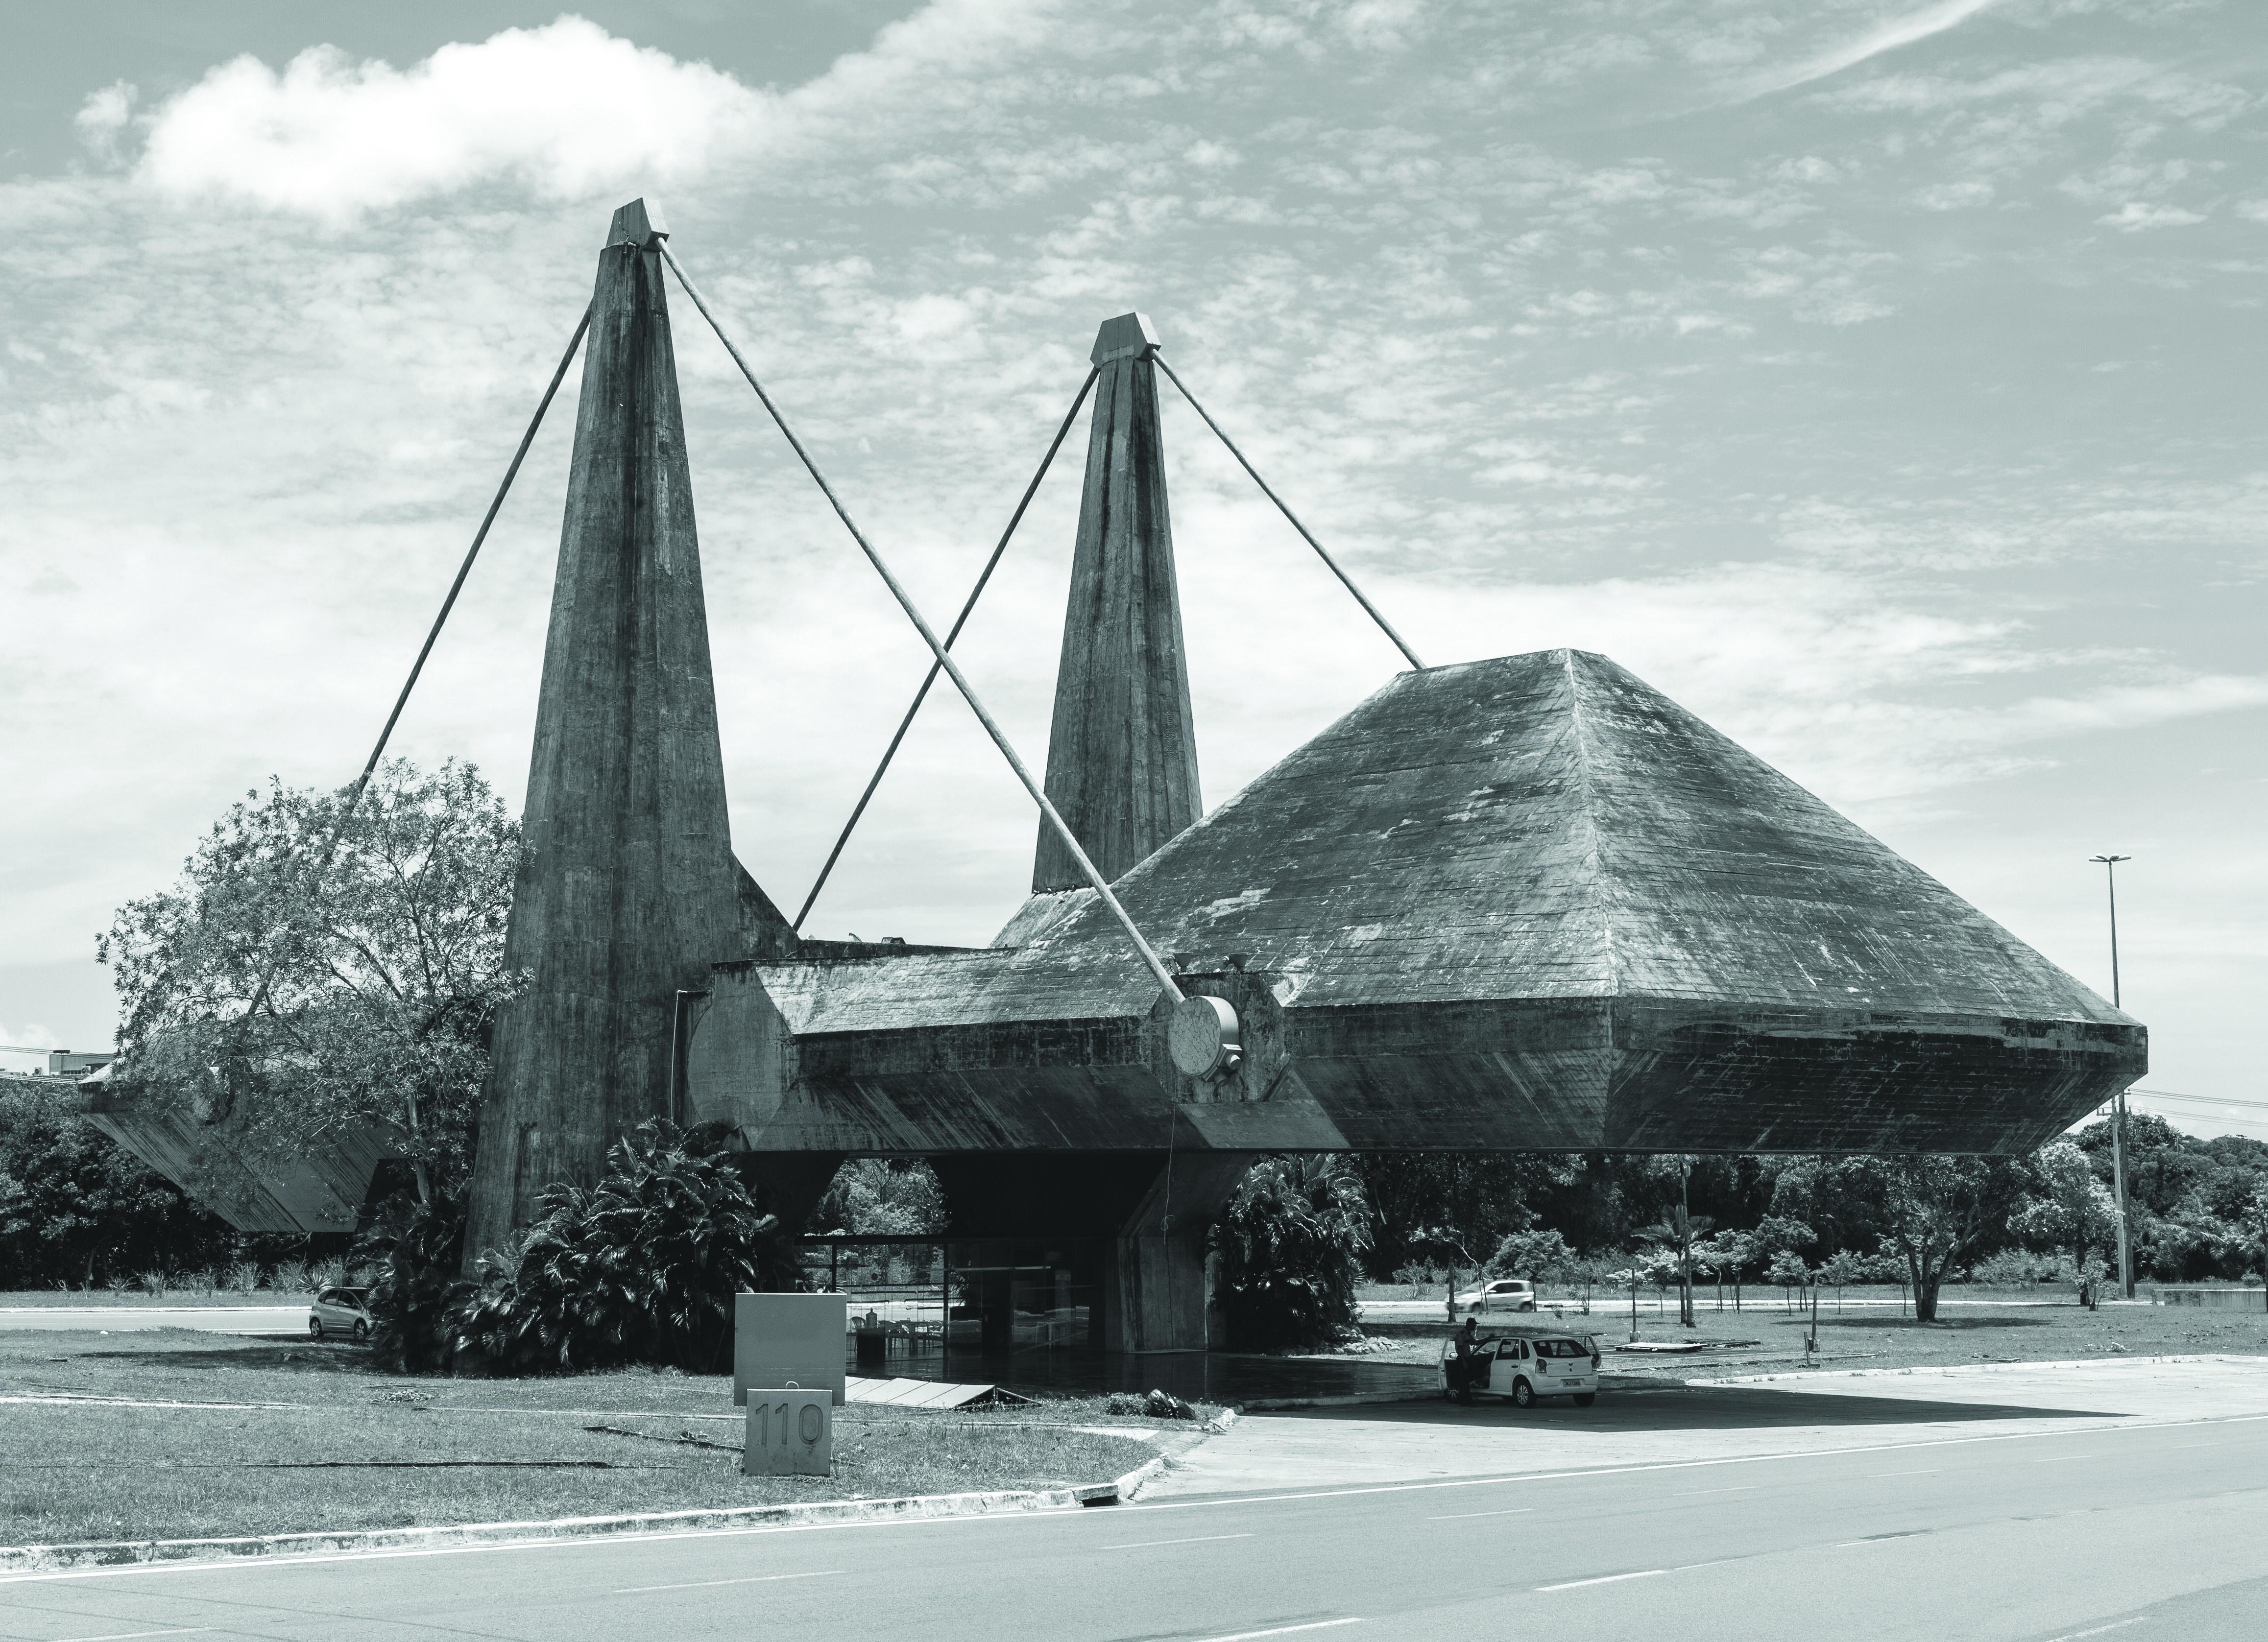 Kiállító és közigazgatási központ, Bahia, Brazília (João Filgueiras Lima, 1974)